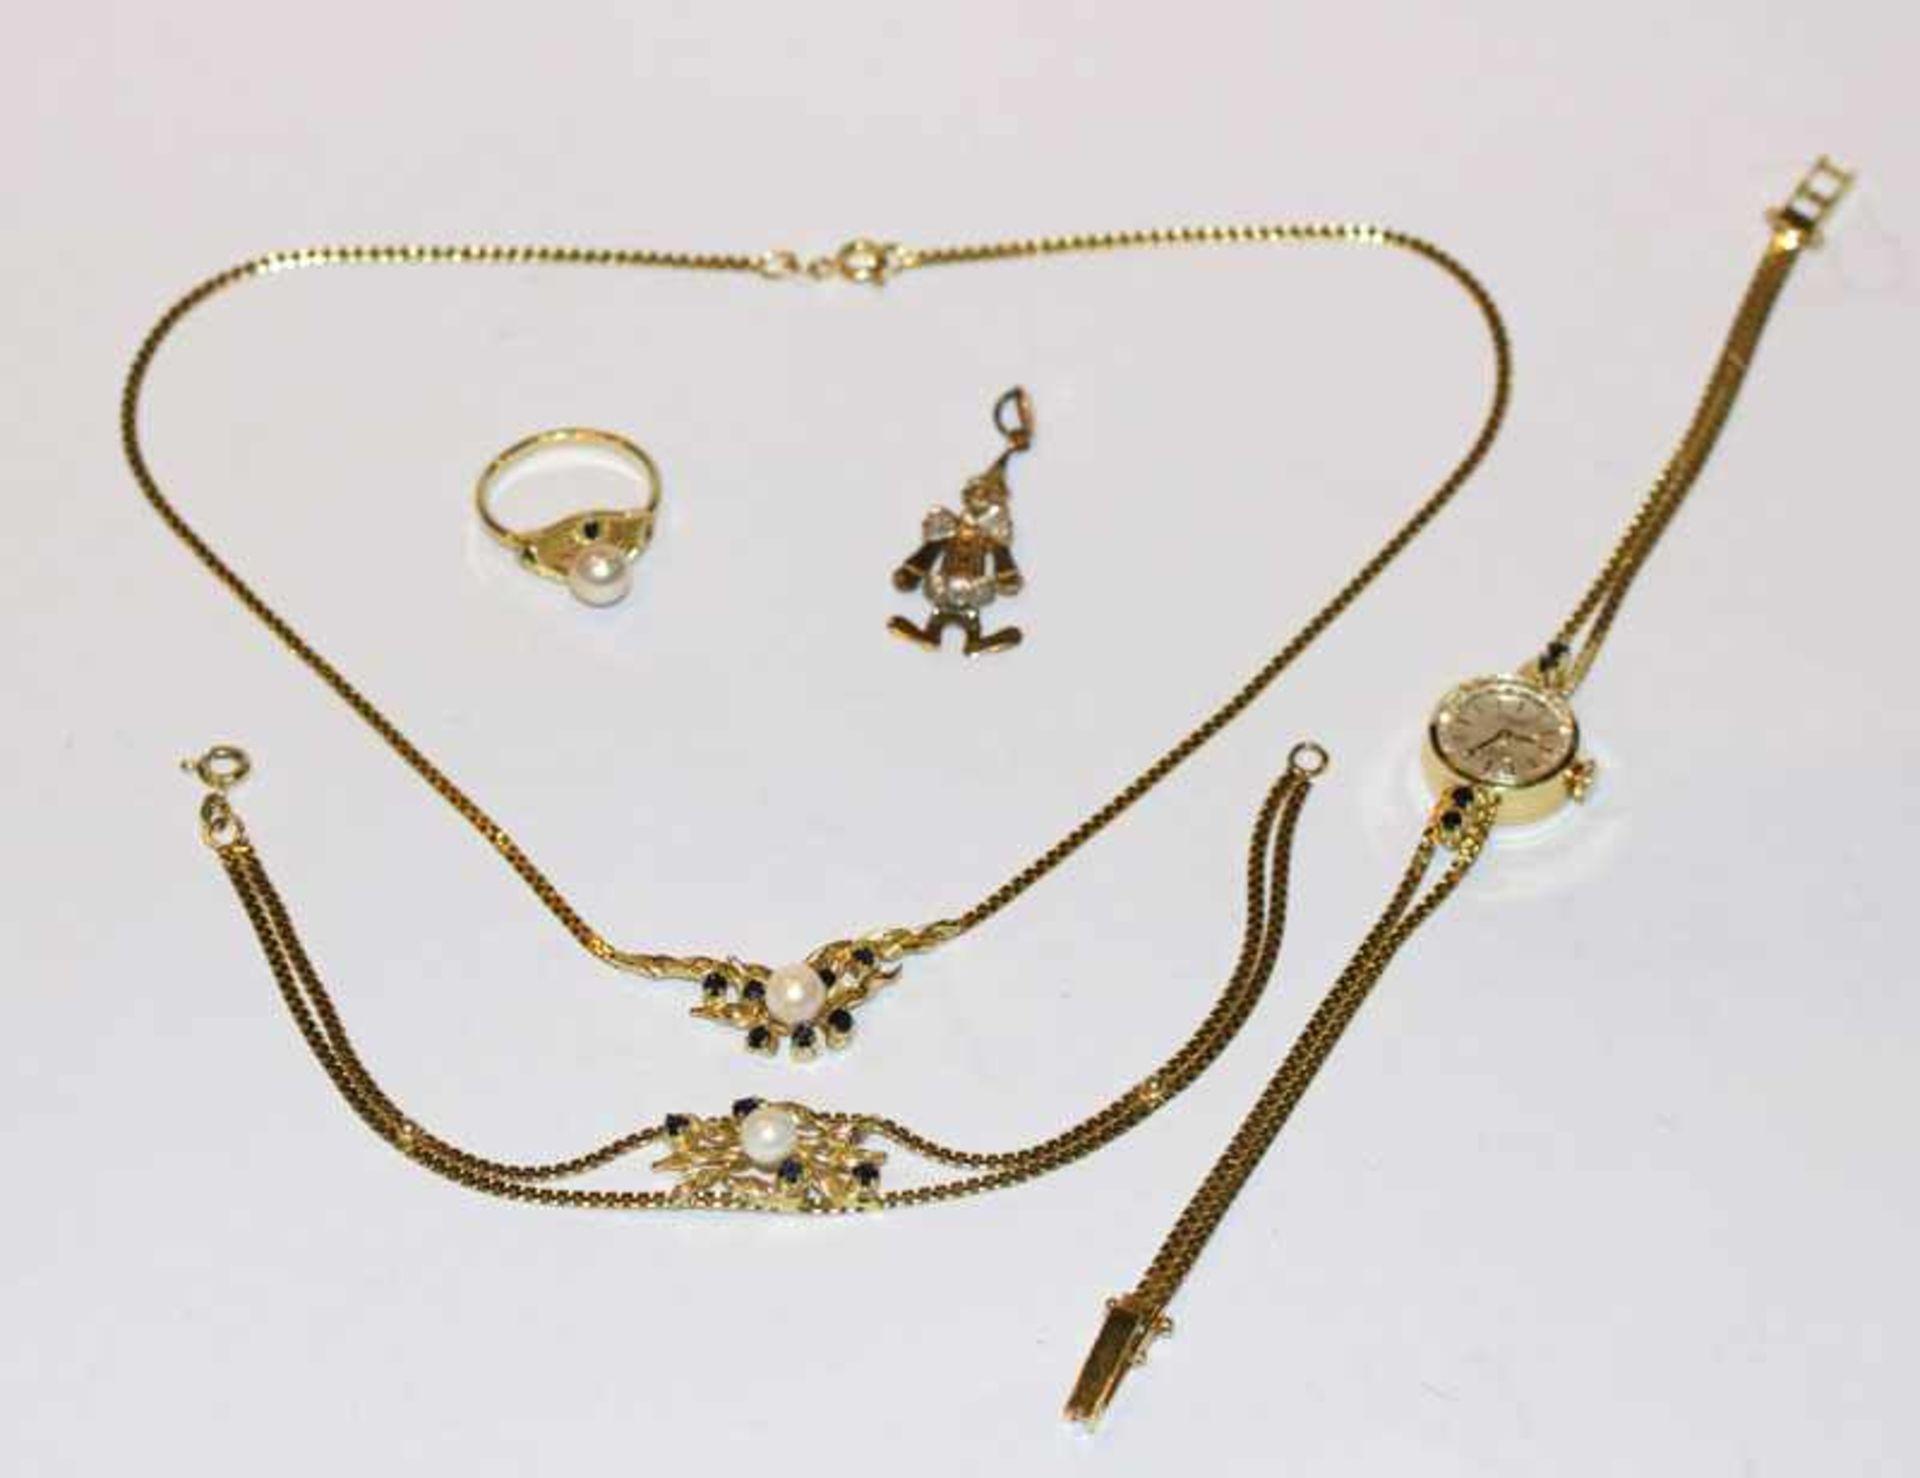 Los 75 - Silber/vergoldetes Schmuckset mit Perlen: Collierkette, Armband, Armbanduhr und Ring, sowie